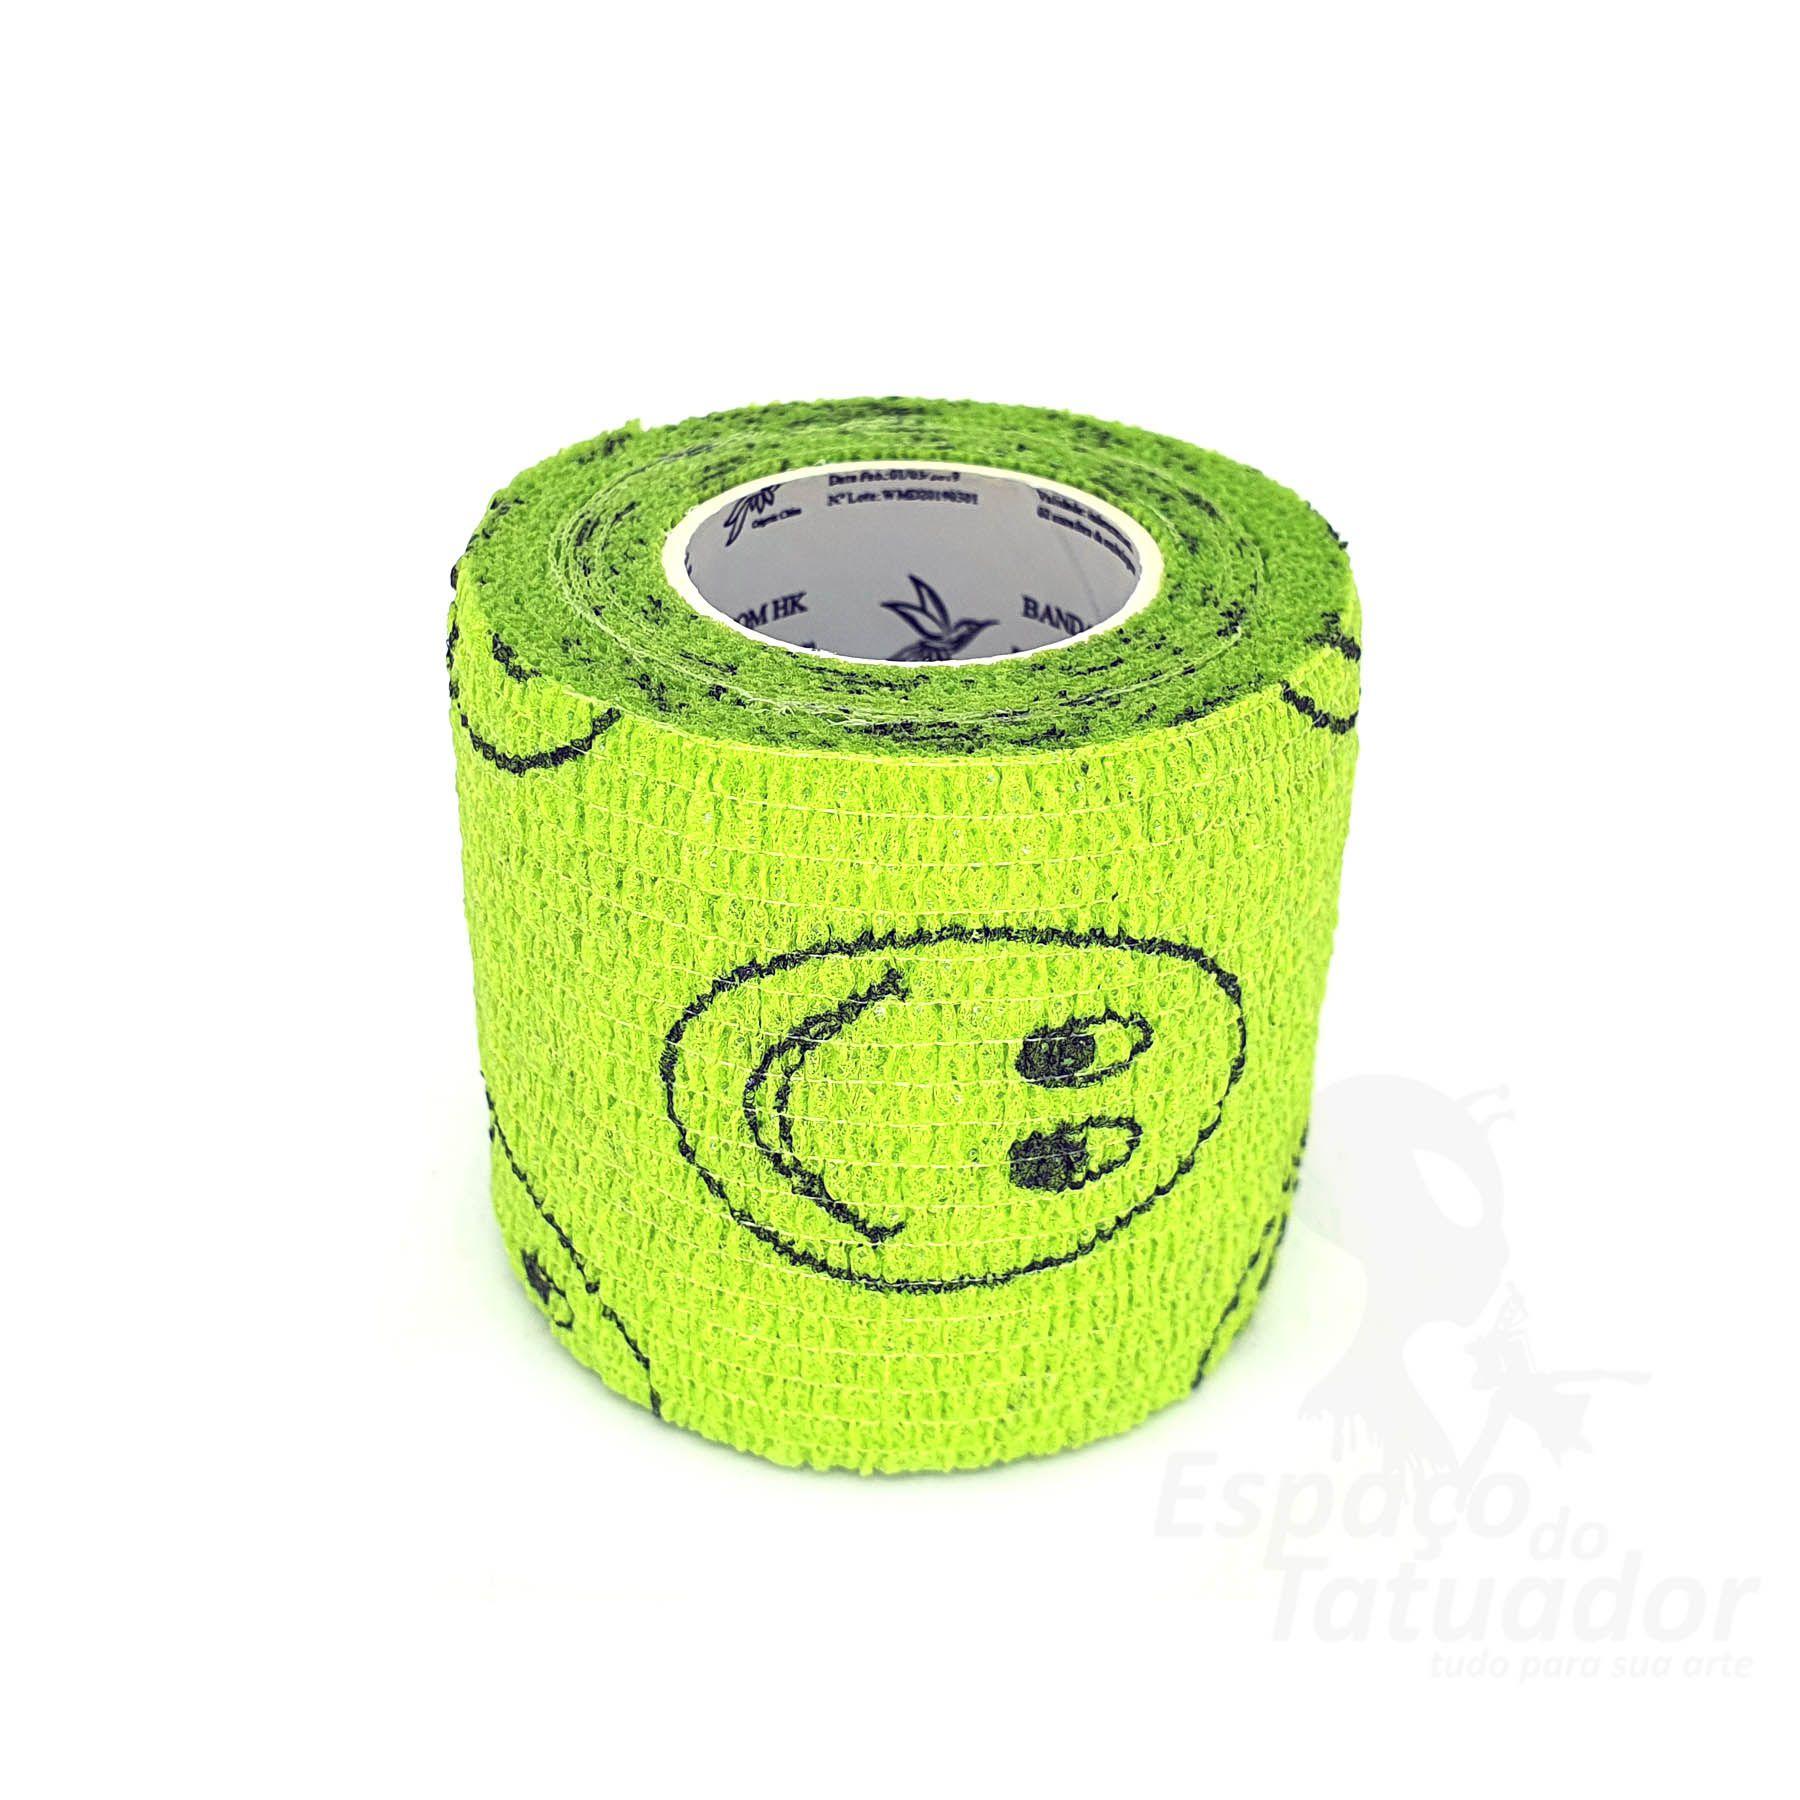 Bandagem Custom Phantom HK - Grass Green With Smiley